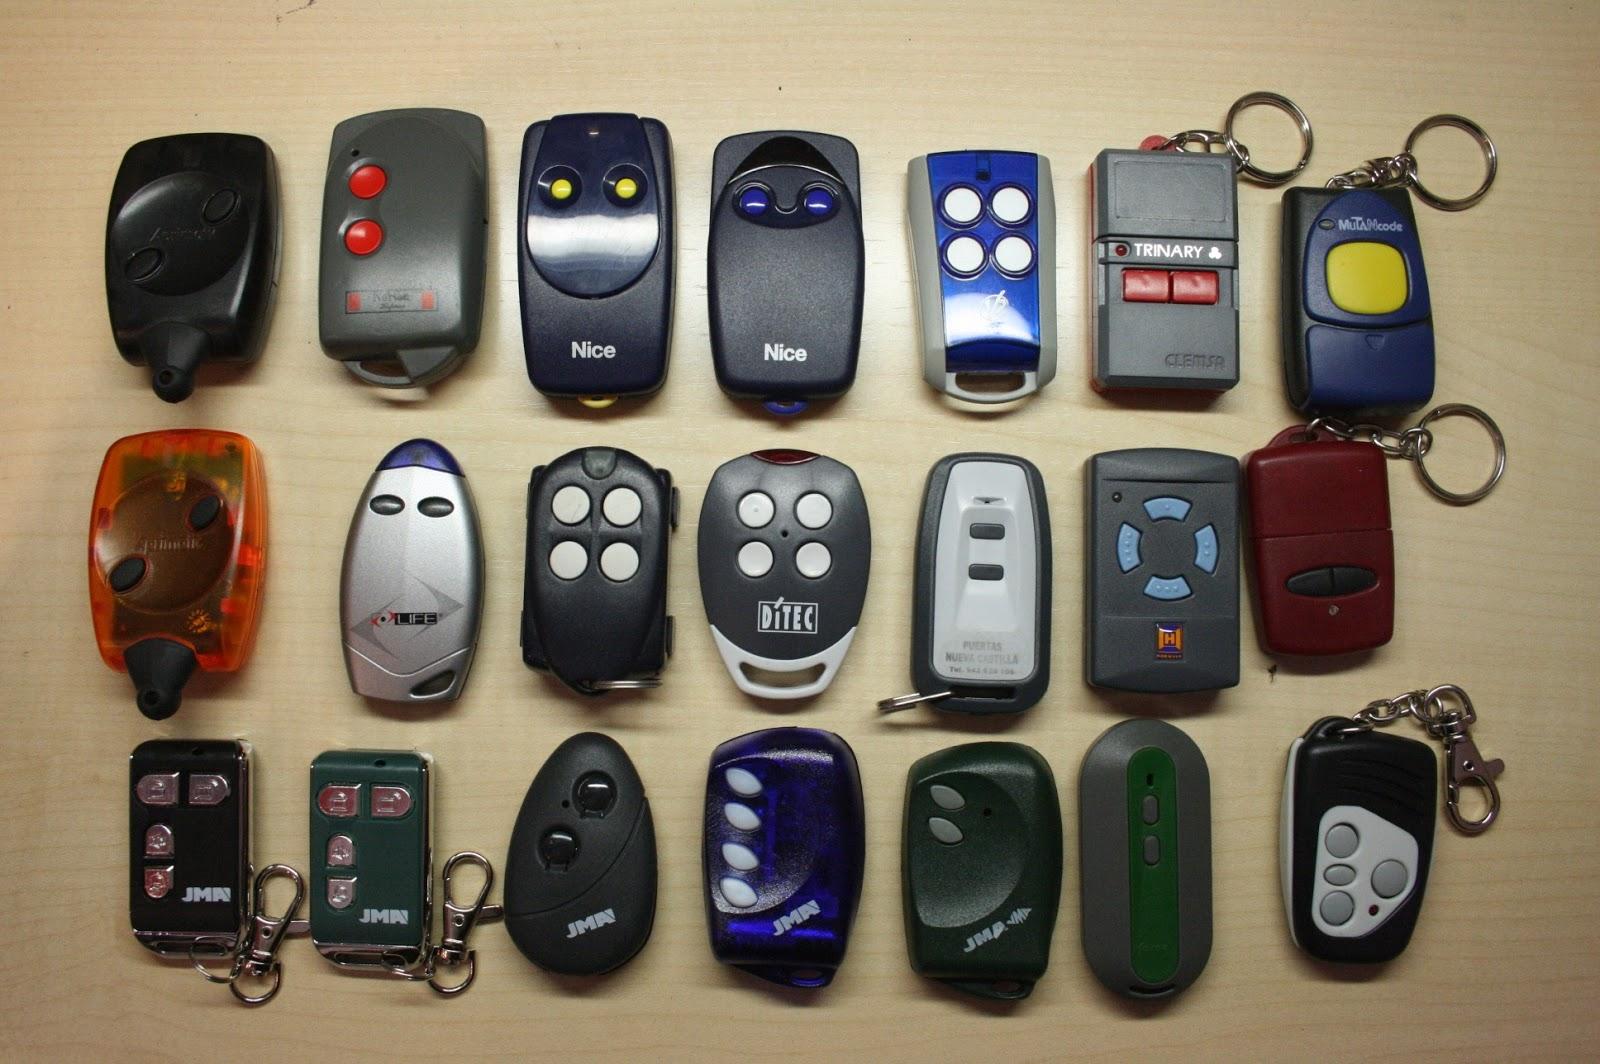 Mi llave el timo de la estampita en internet copie el - Mandos a distancia garaje ...